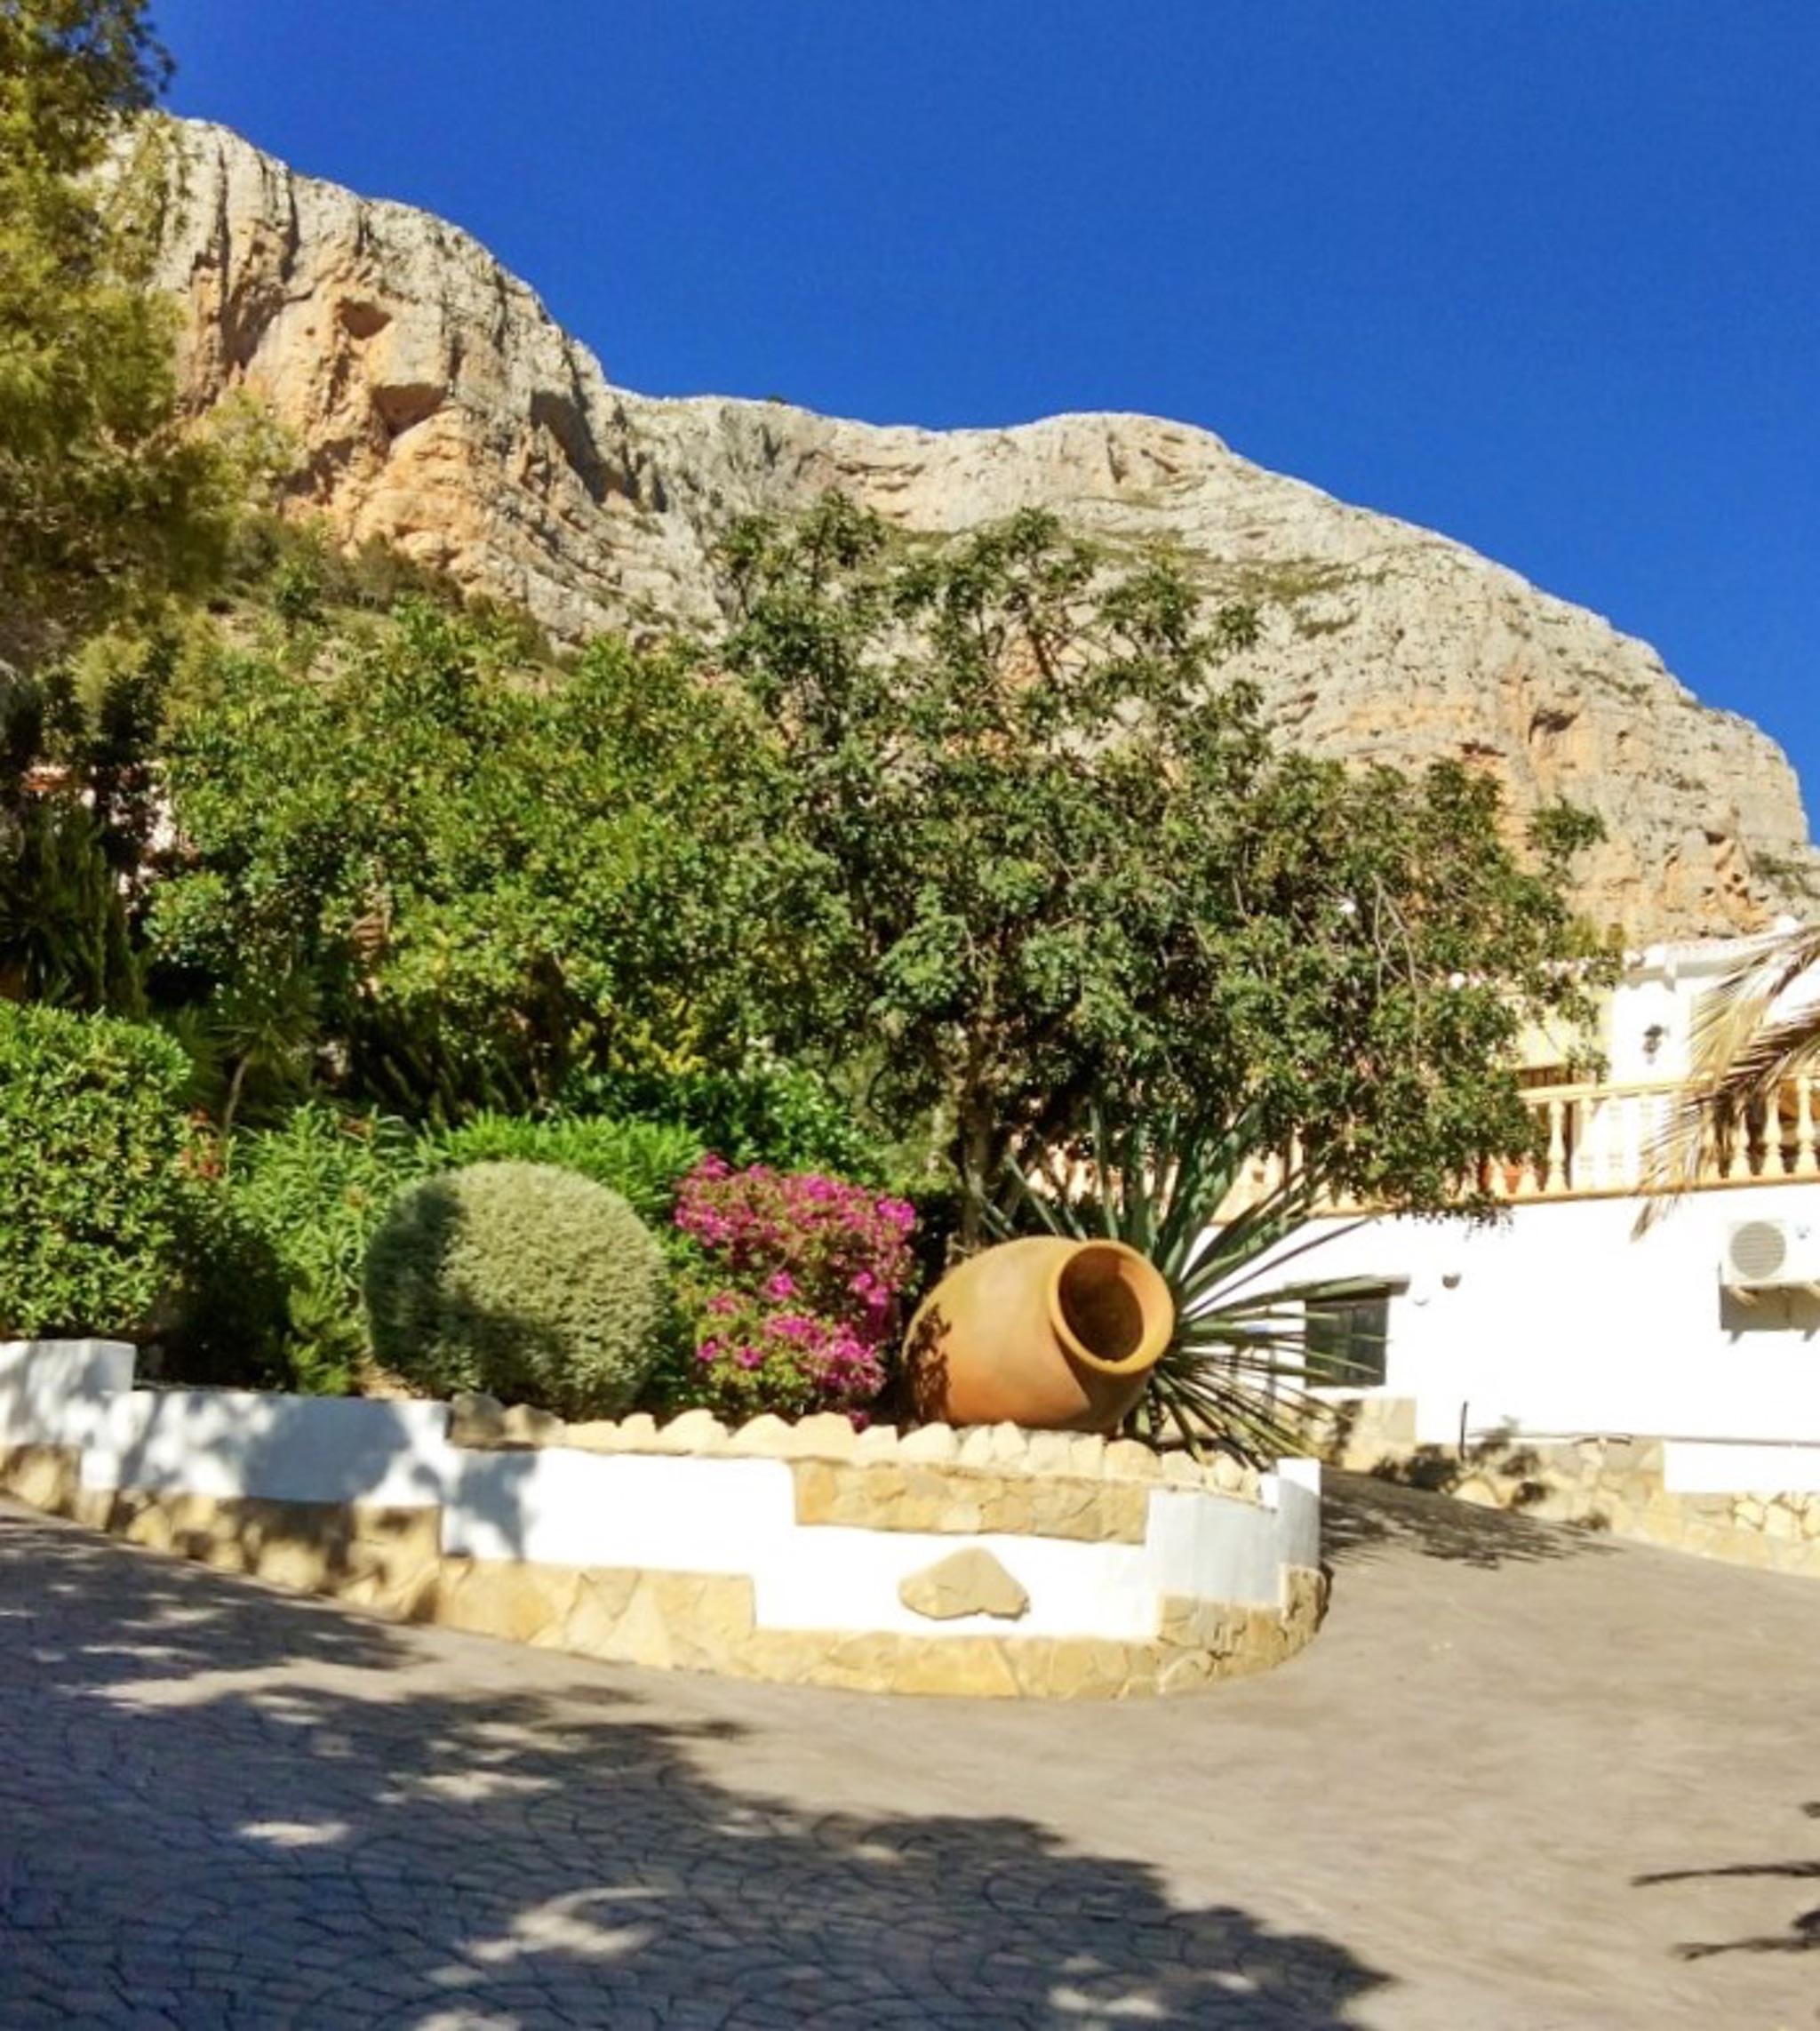 Ferienhaus Geräumige Villa mit fünf Schlafzimmer in Javea mit möblierter Terrasse, Pool und toller Au (2201168), Jávea, Costa Blanca, Valencia, Spanien, Bild 19